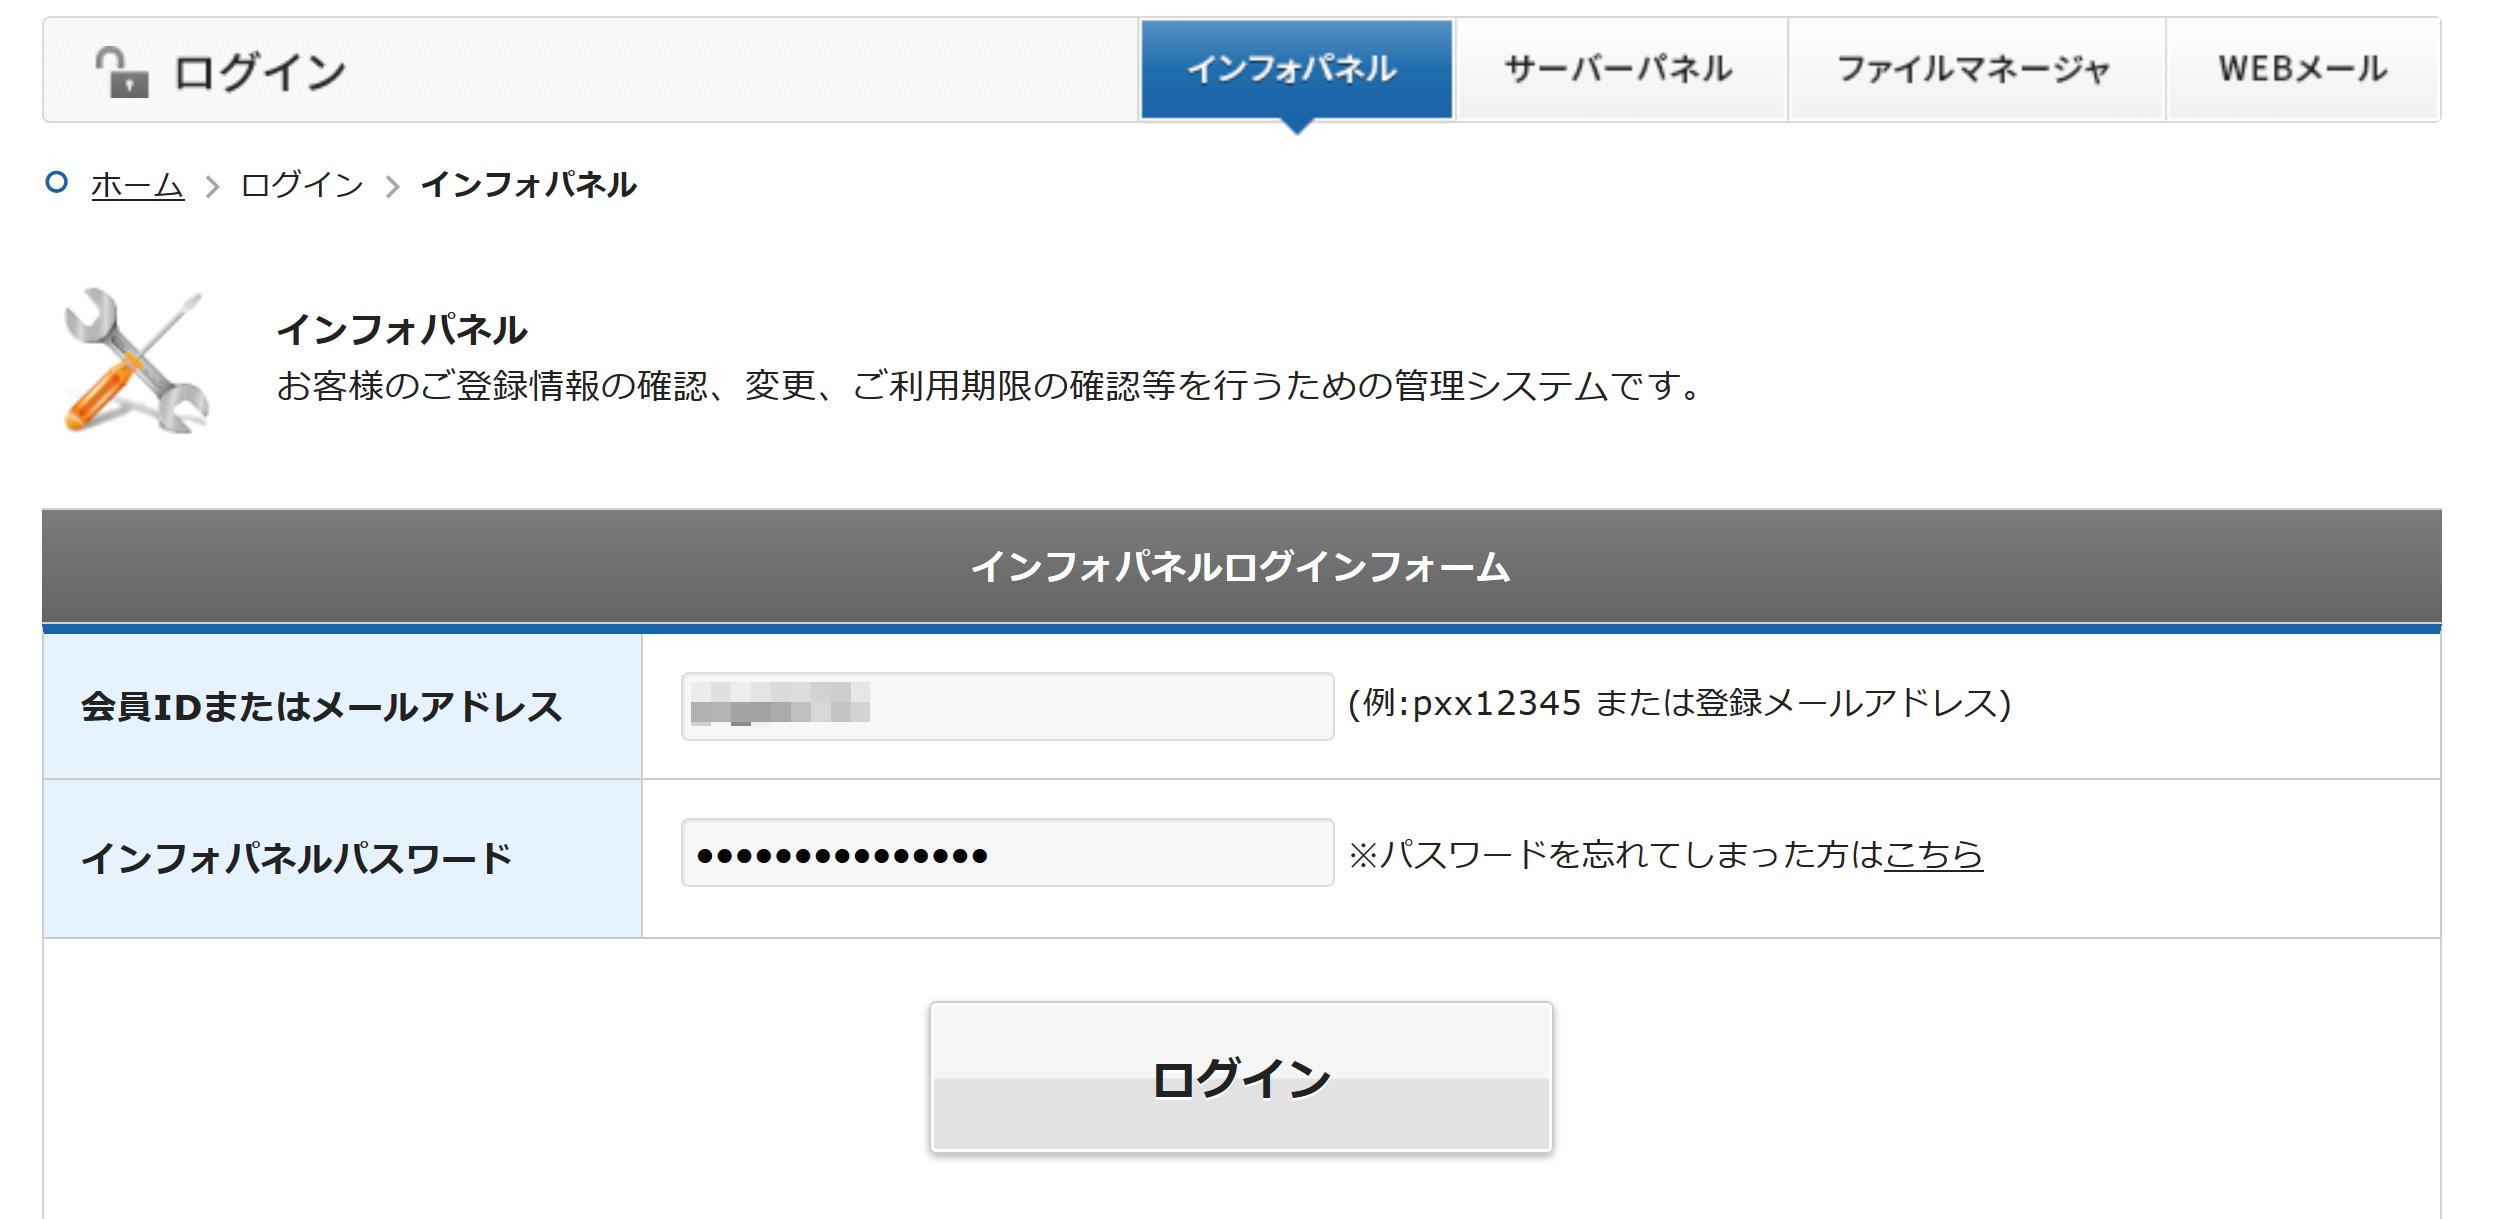 エックスサーバーログイン画面